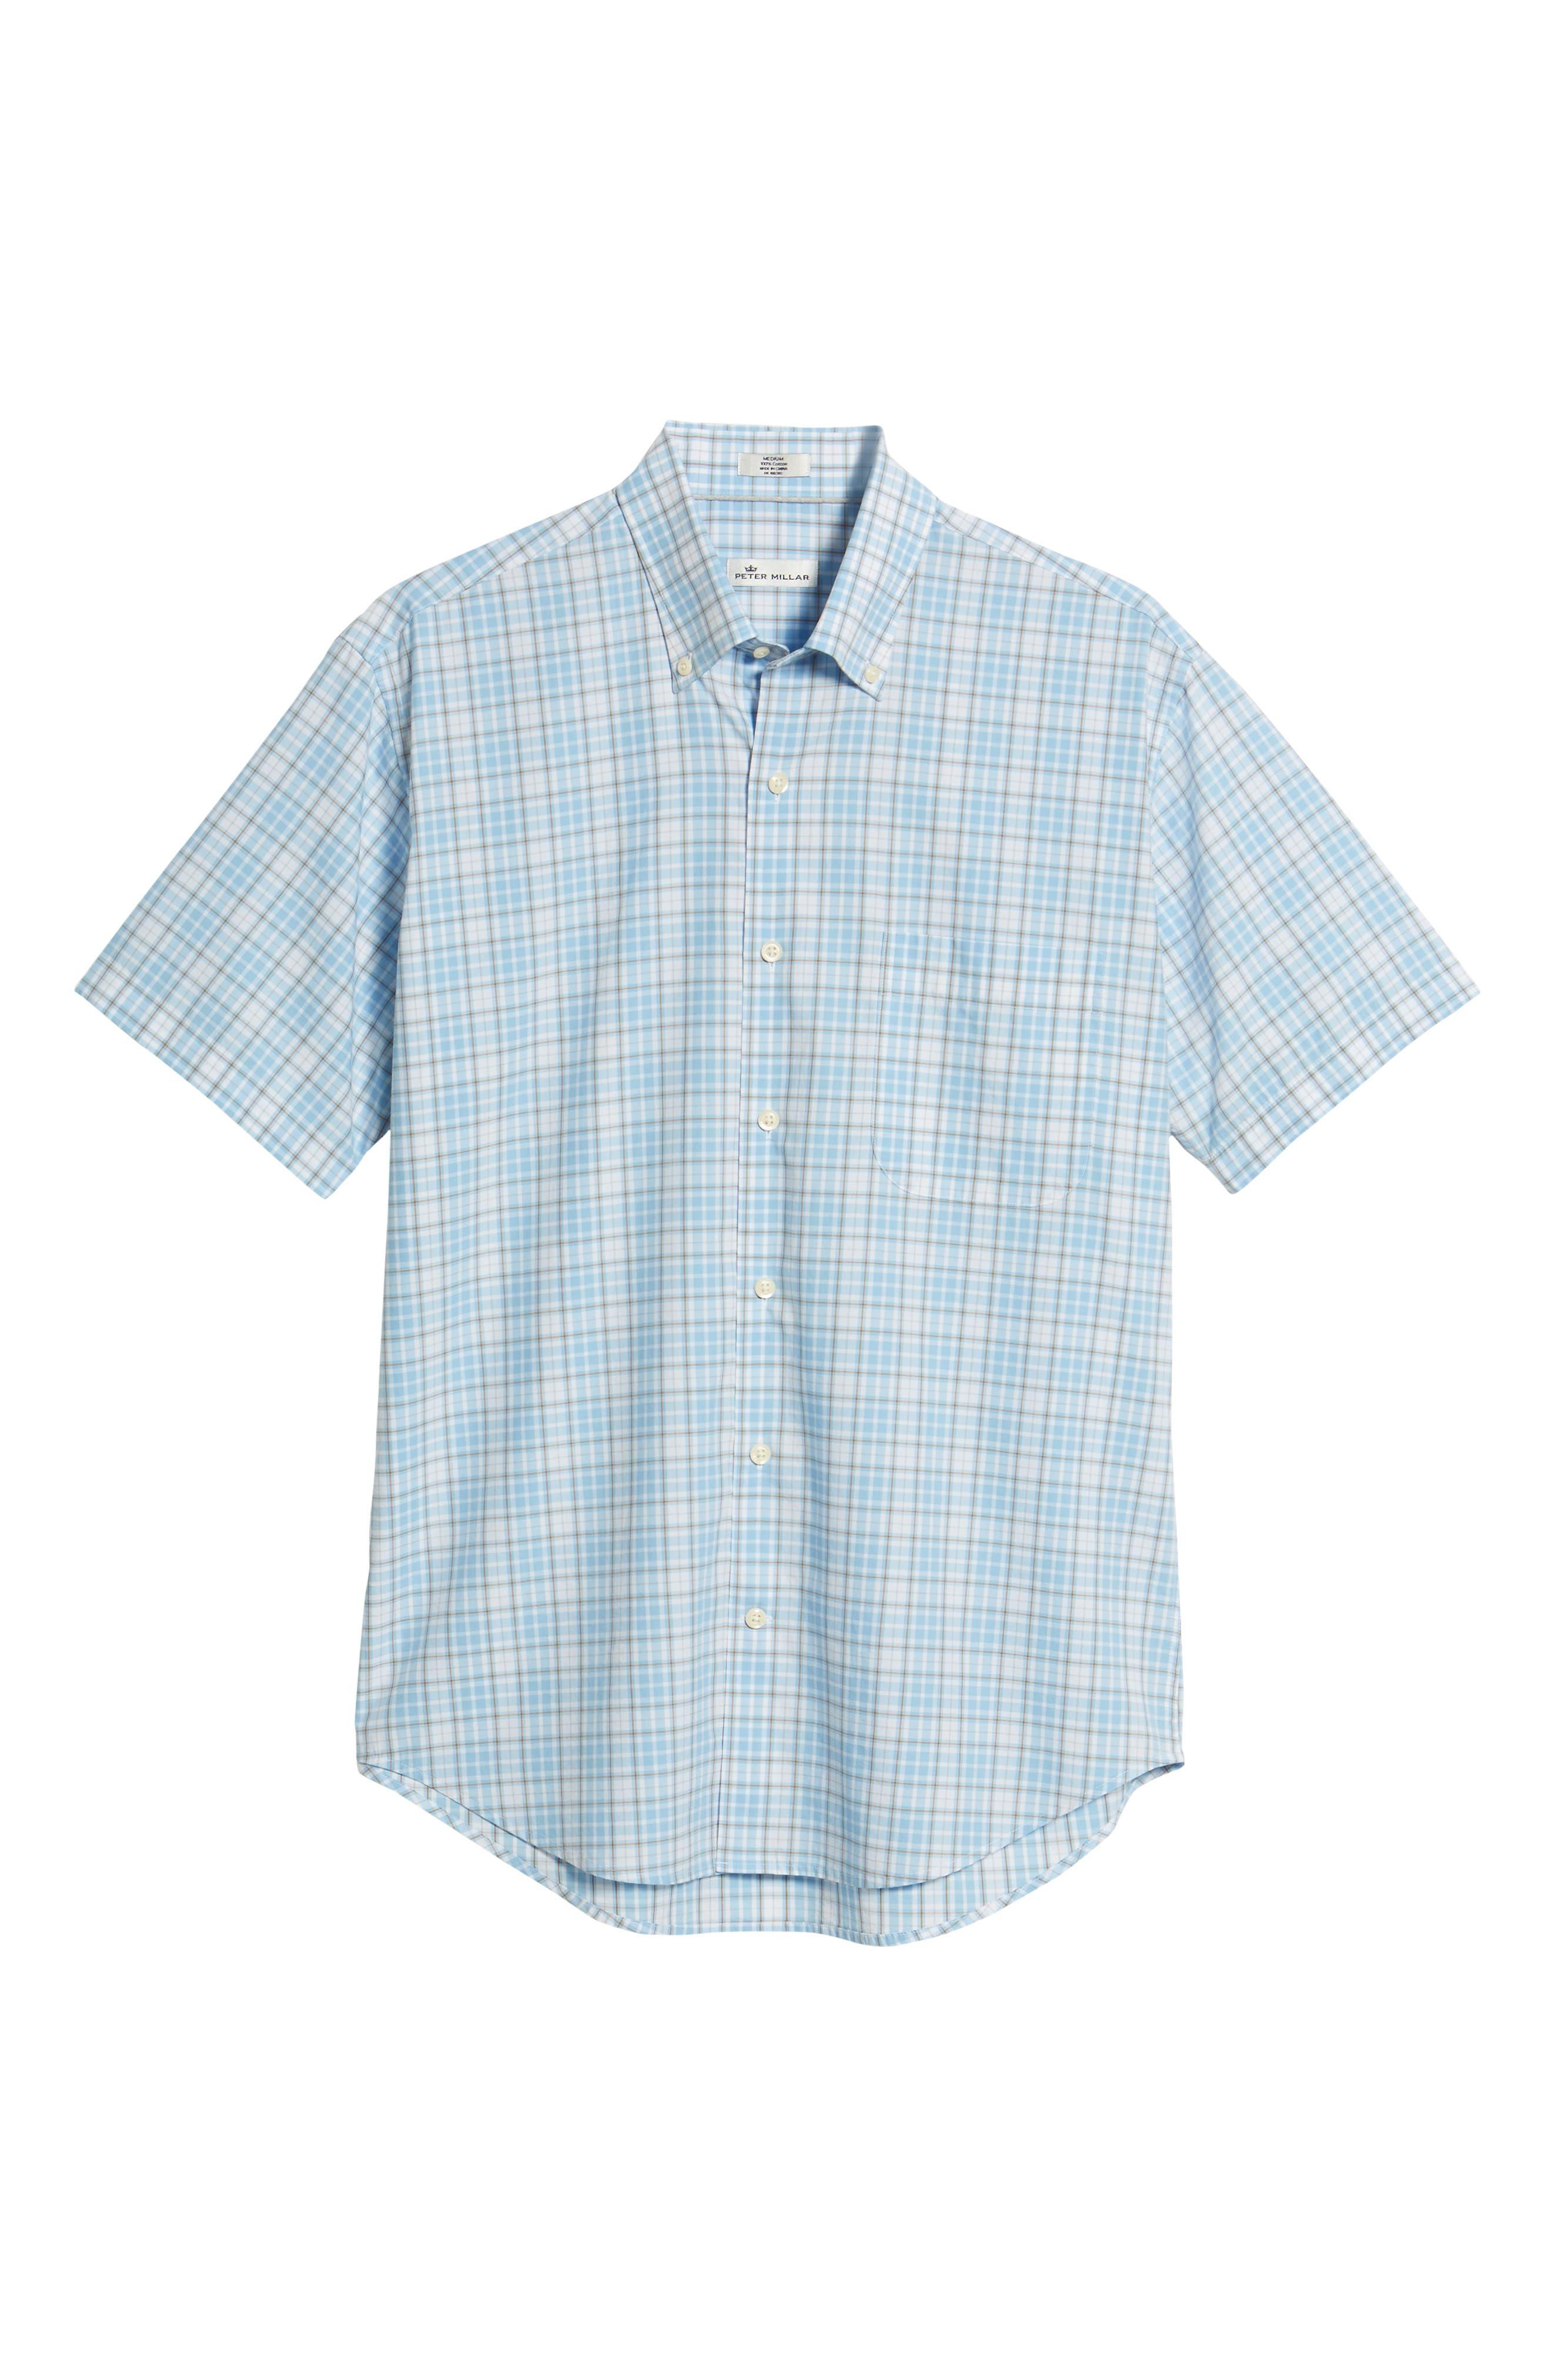 Belltown Regular Fit Tartan Sport Shirt,                             Alternate thumbnail 6, color,                             400